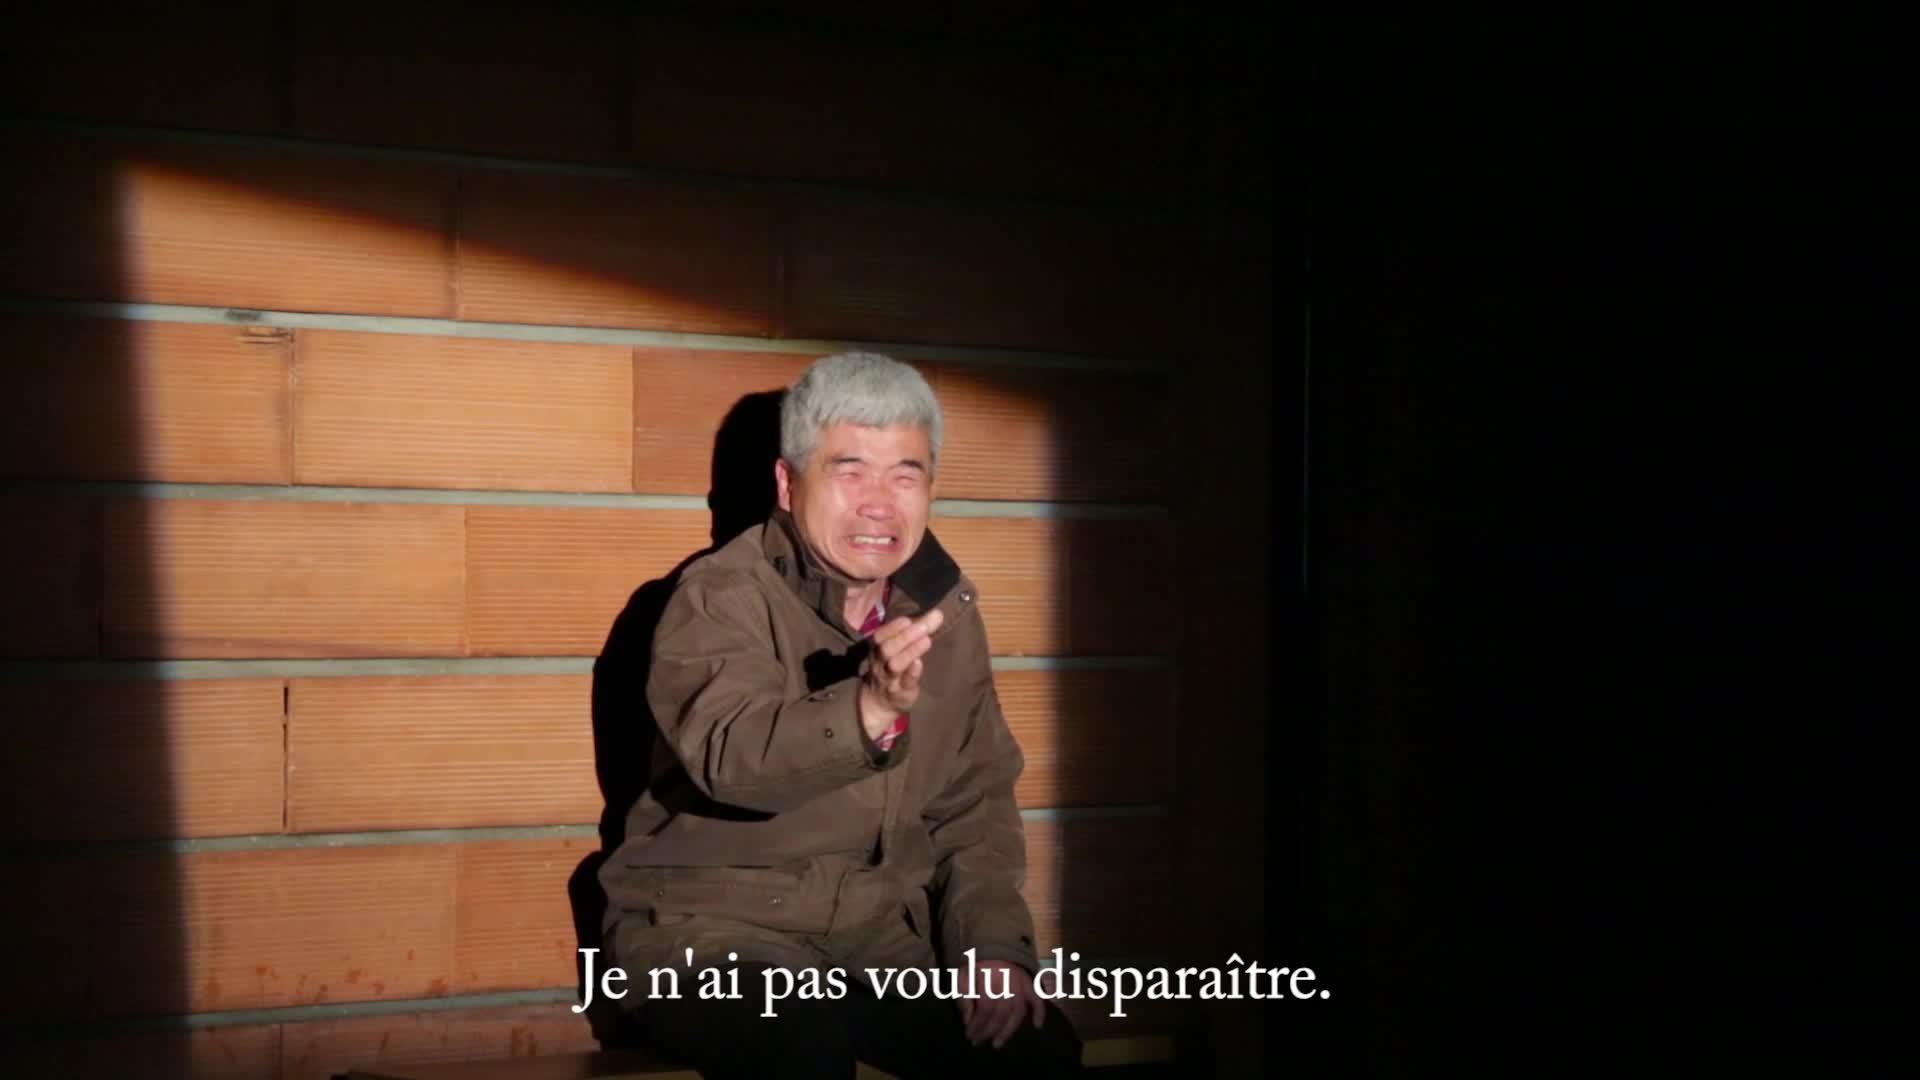 """Vidéo """"Les Evaporés"""" de Delphine Hecquet - Extraits"""